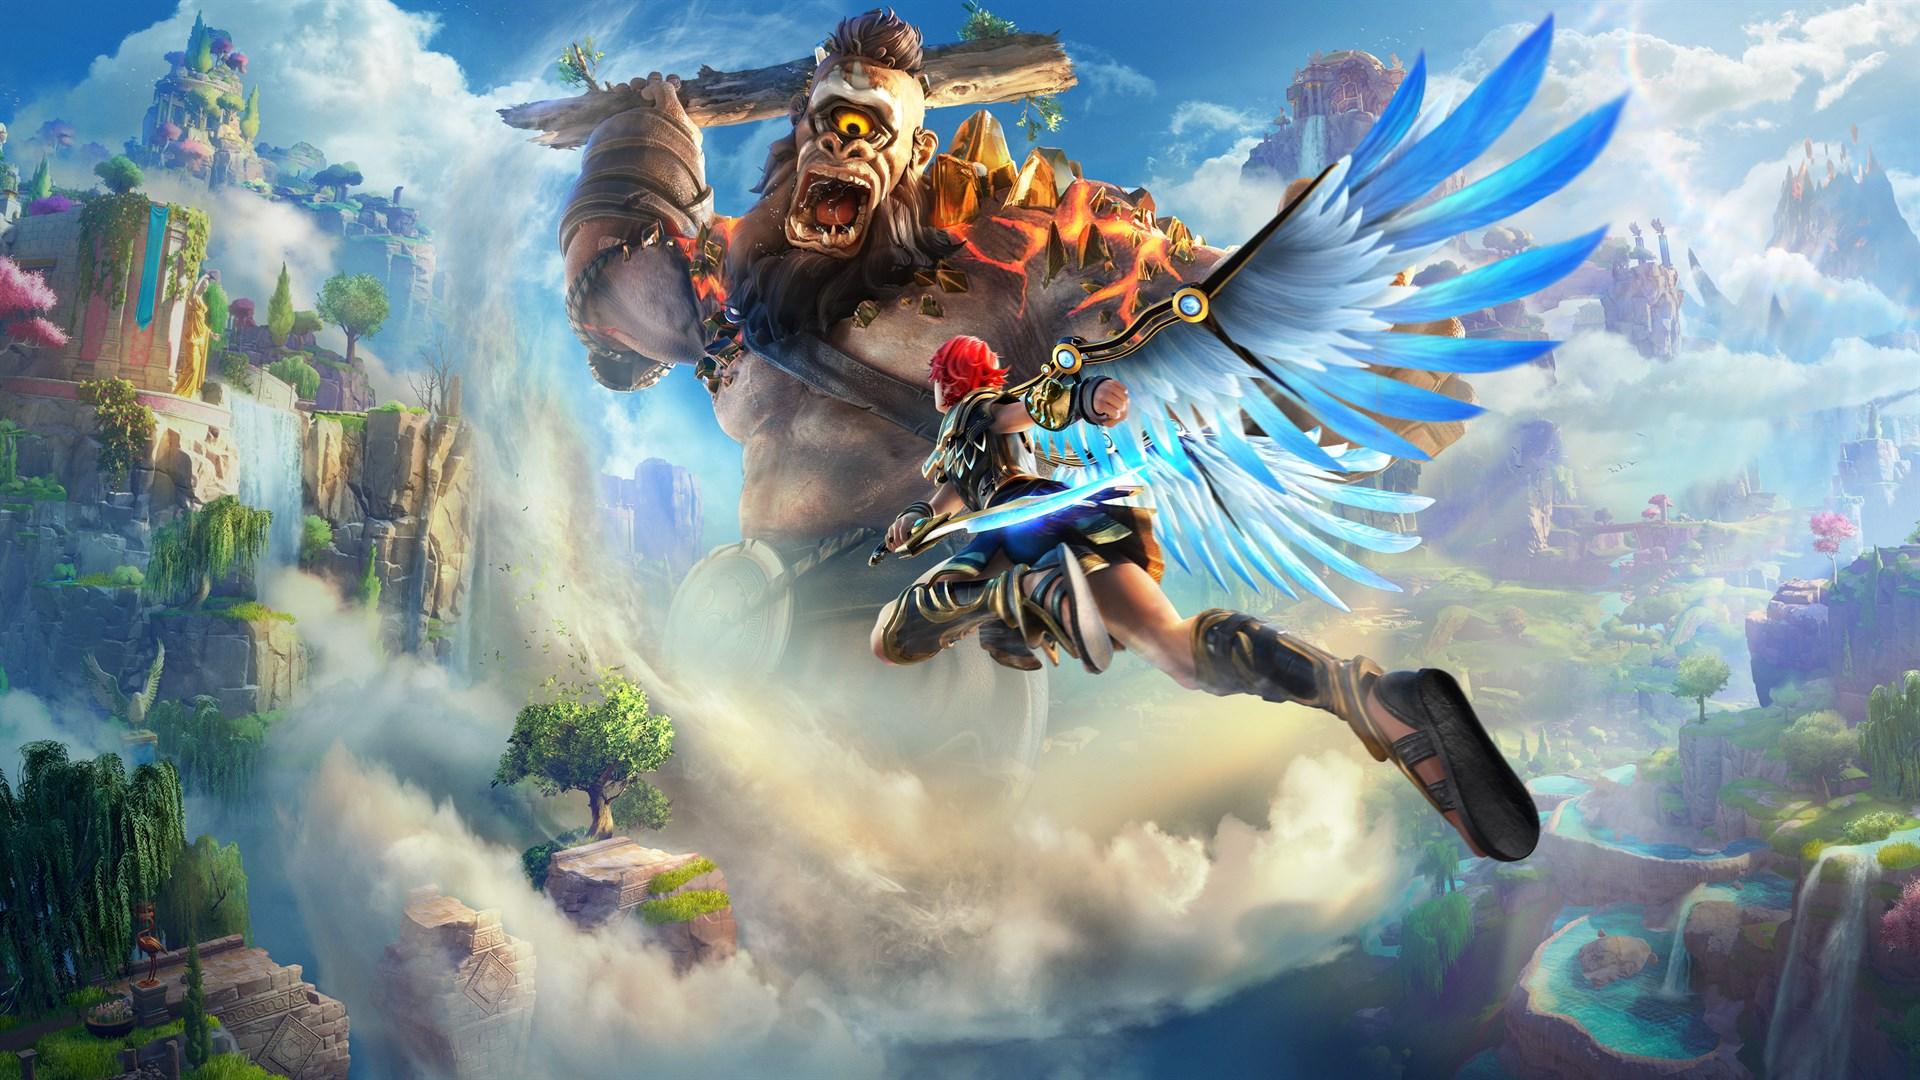 Gry Ubisoftu na PS5 i Xbox Series X|S. Podano wydajność dla nadchodzących i obecnych tytułów